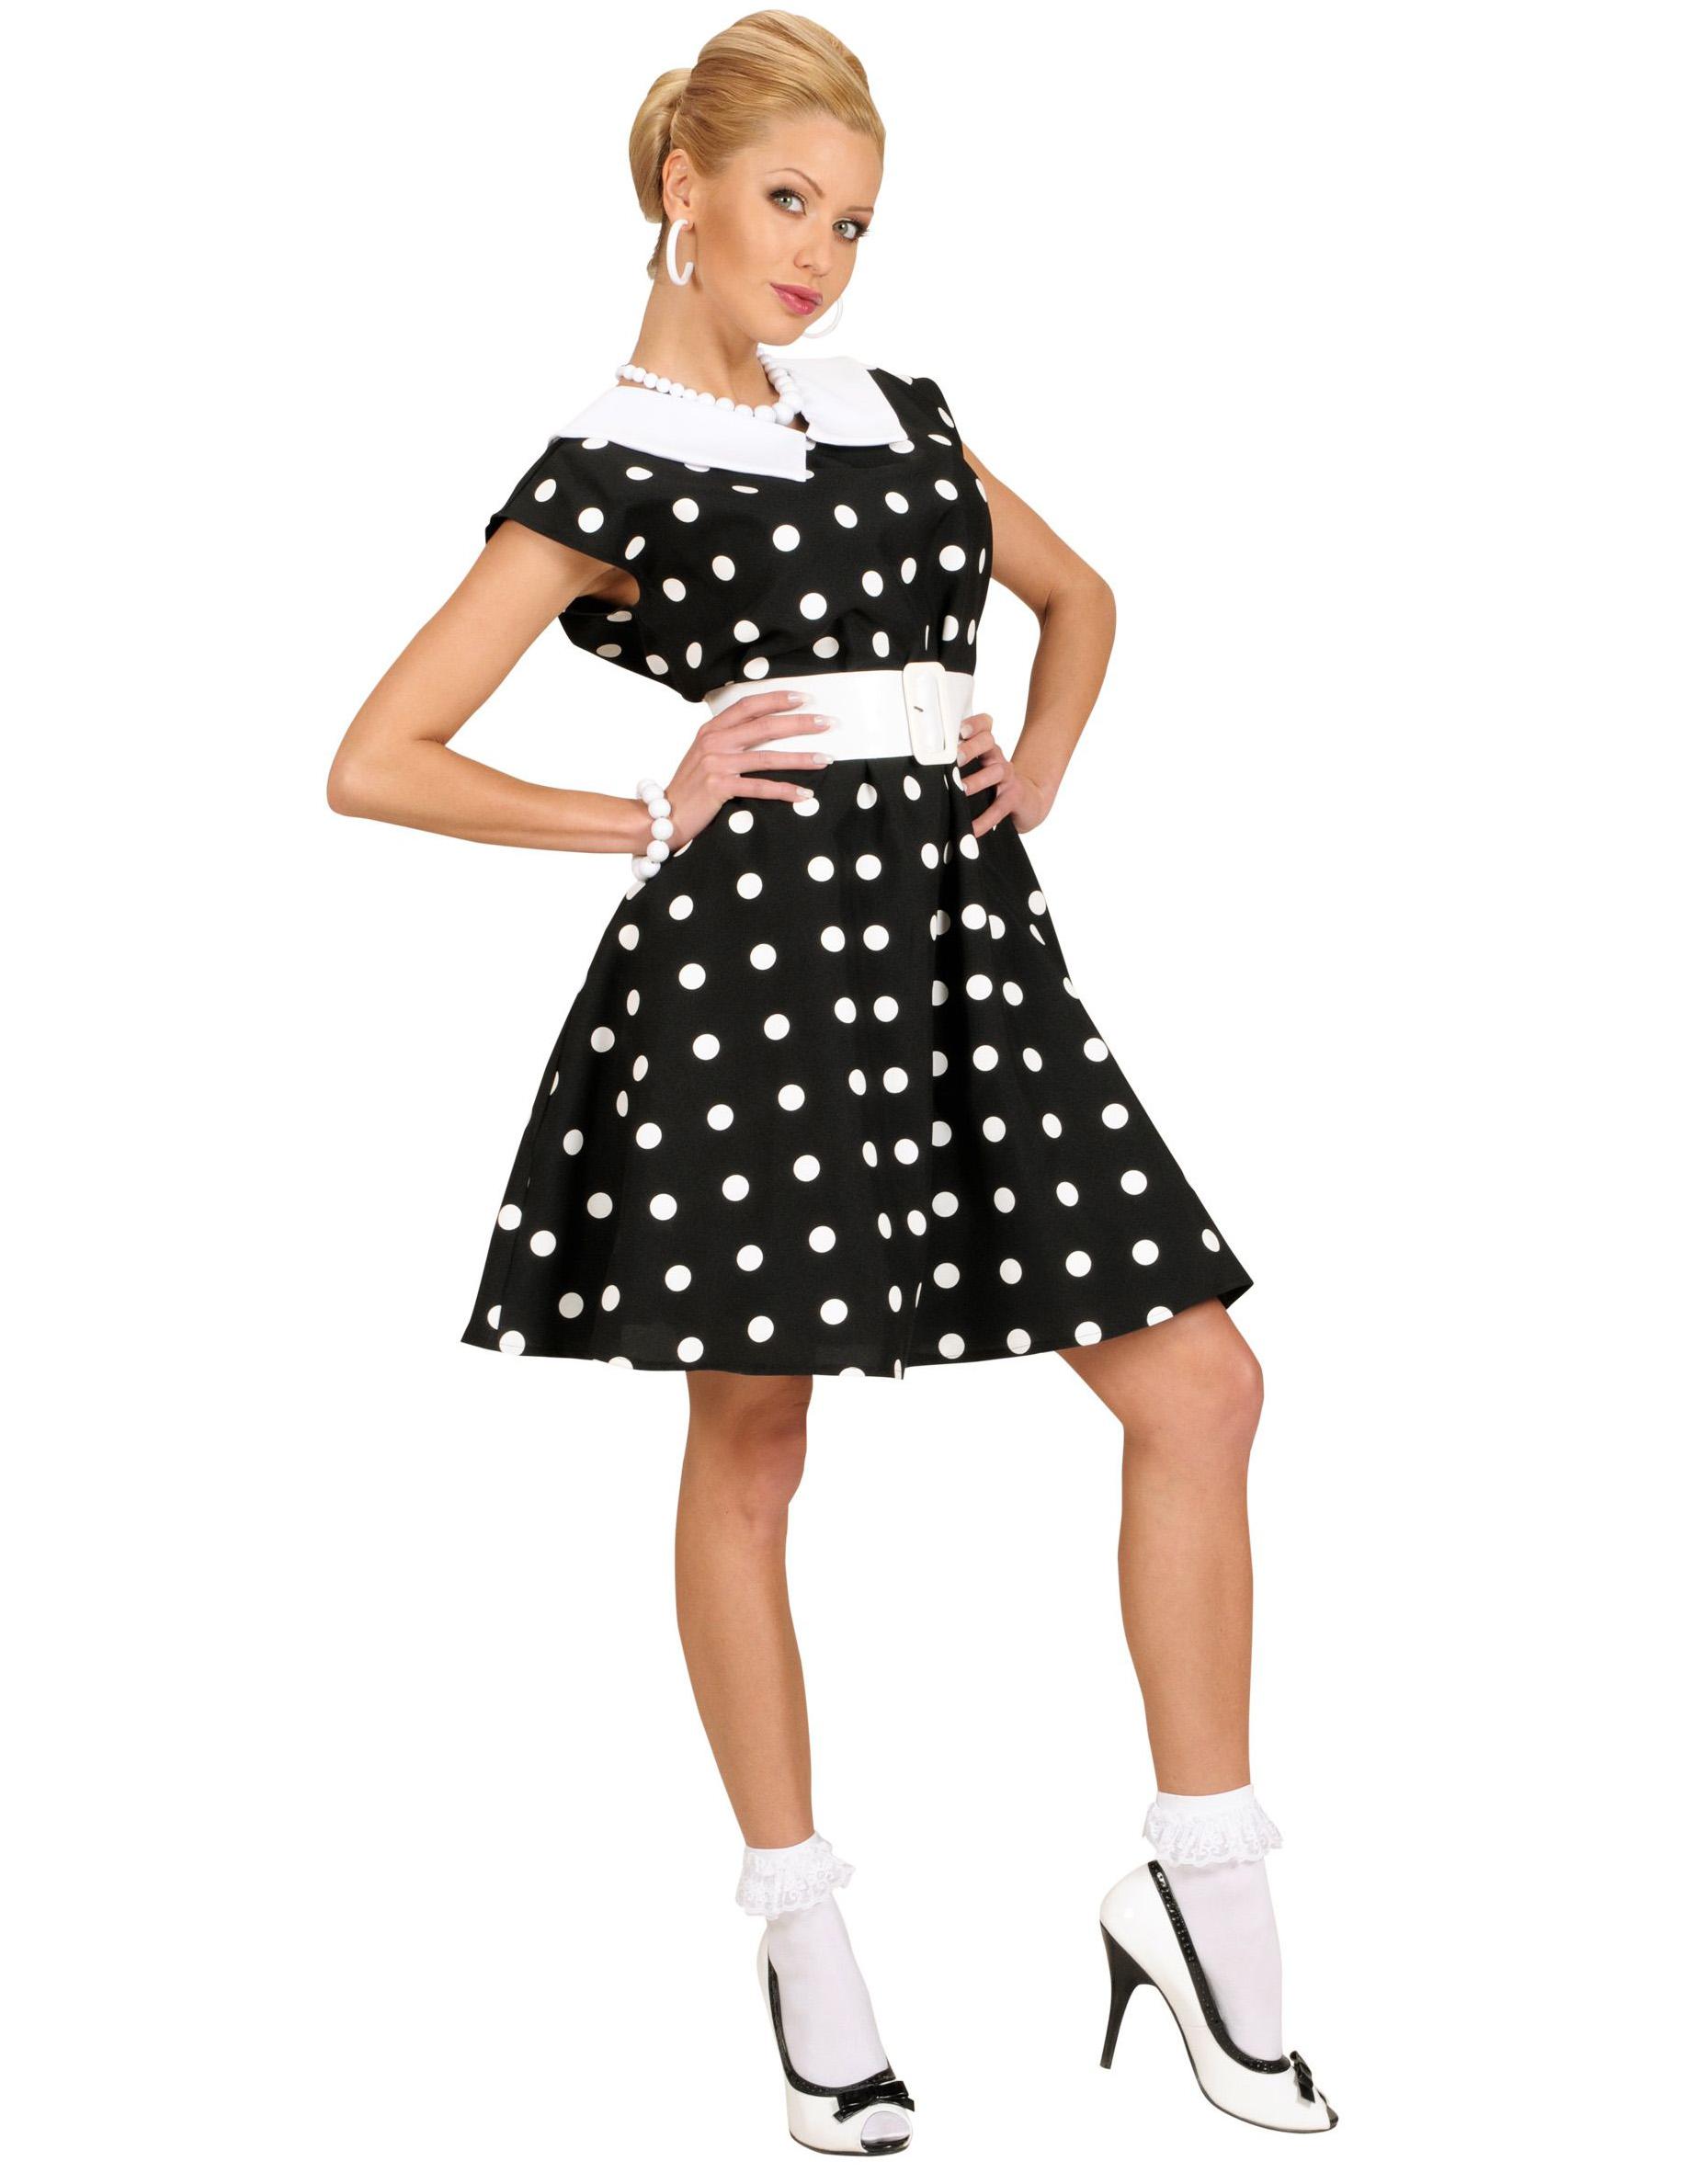 polka dot dress costume for women. Black Bedroom Furniture Sets. Home Design Ideas